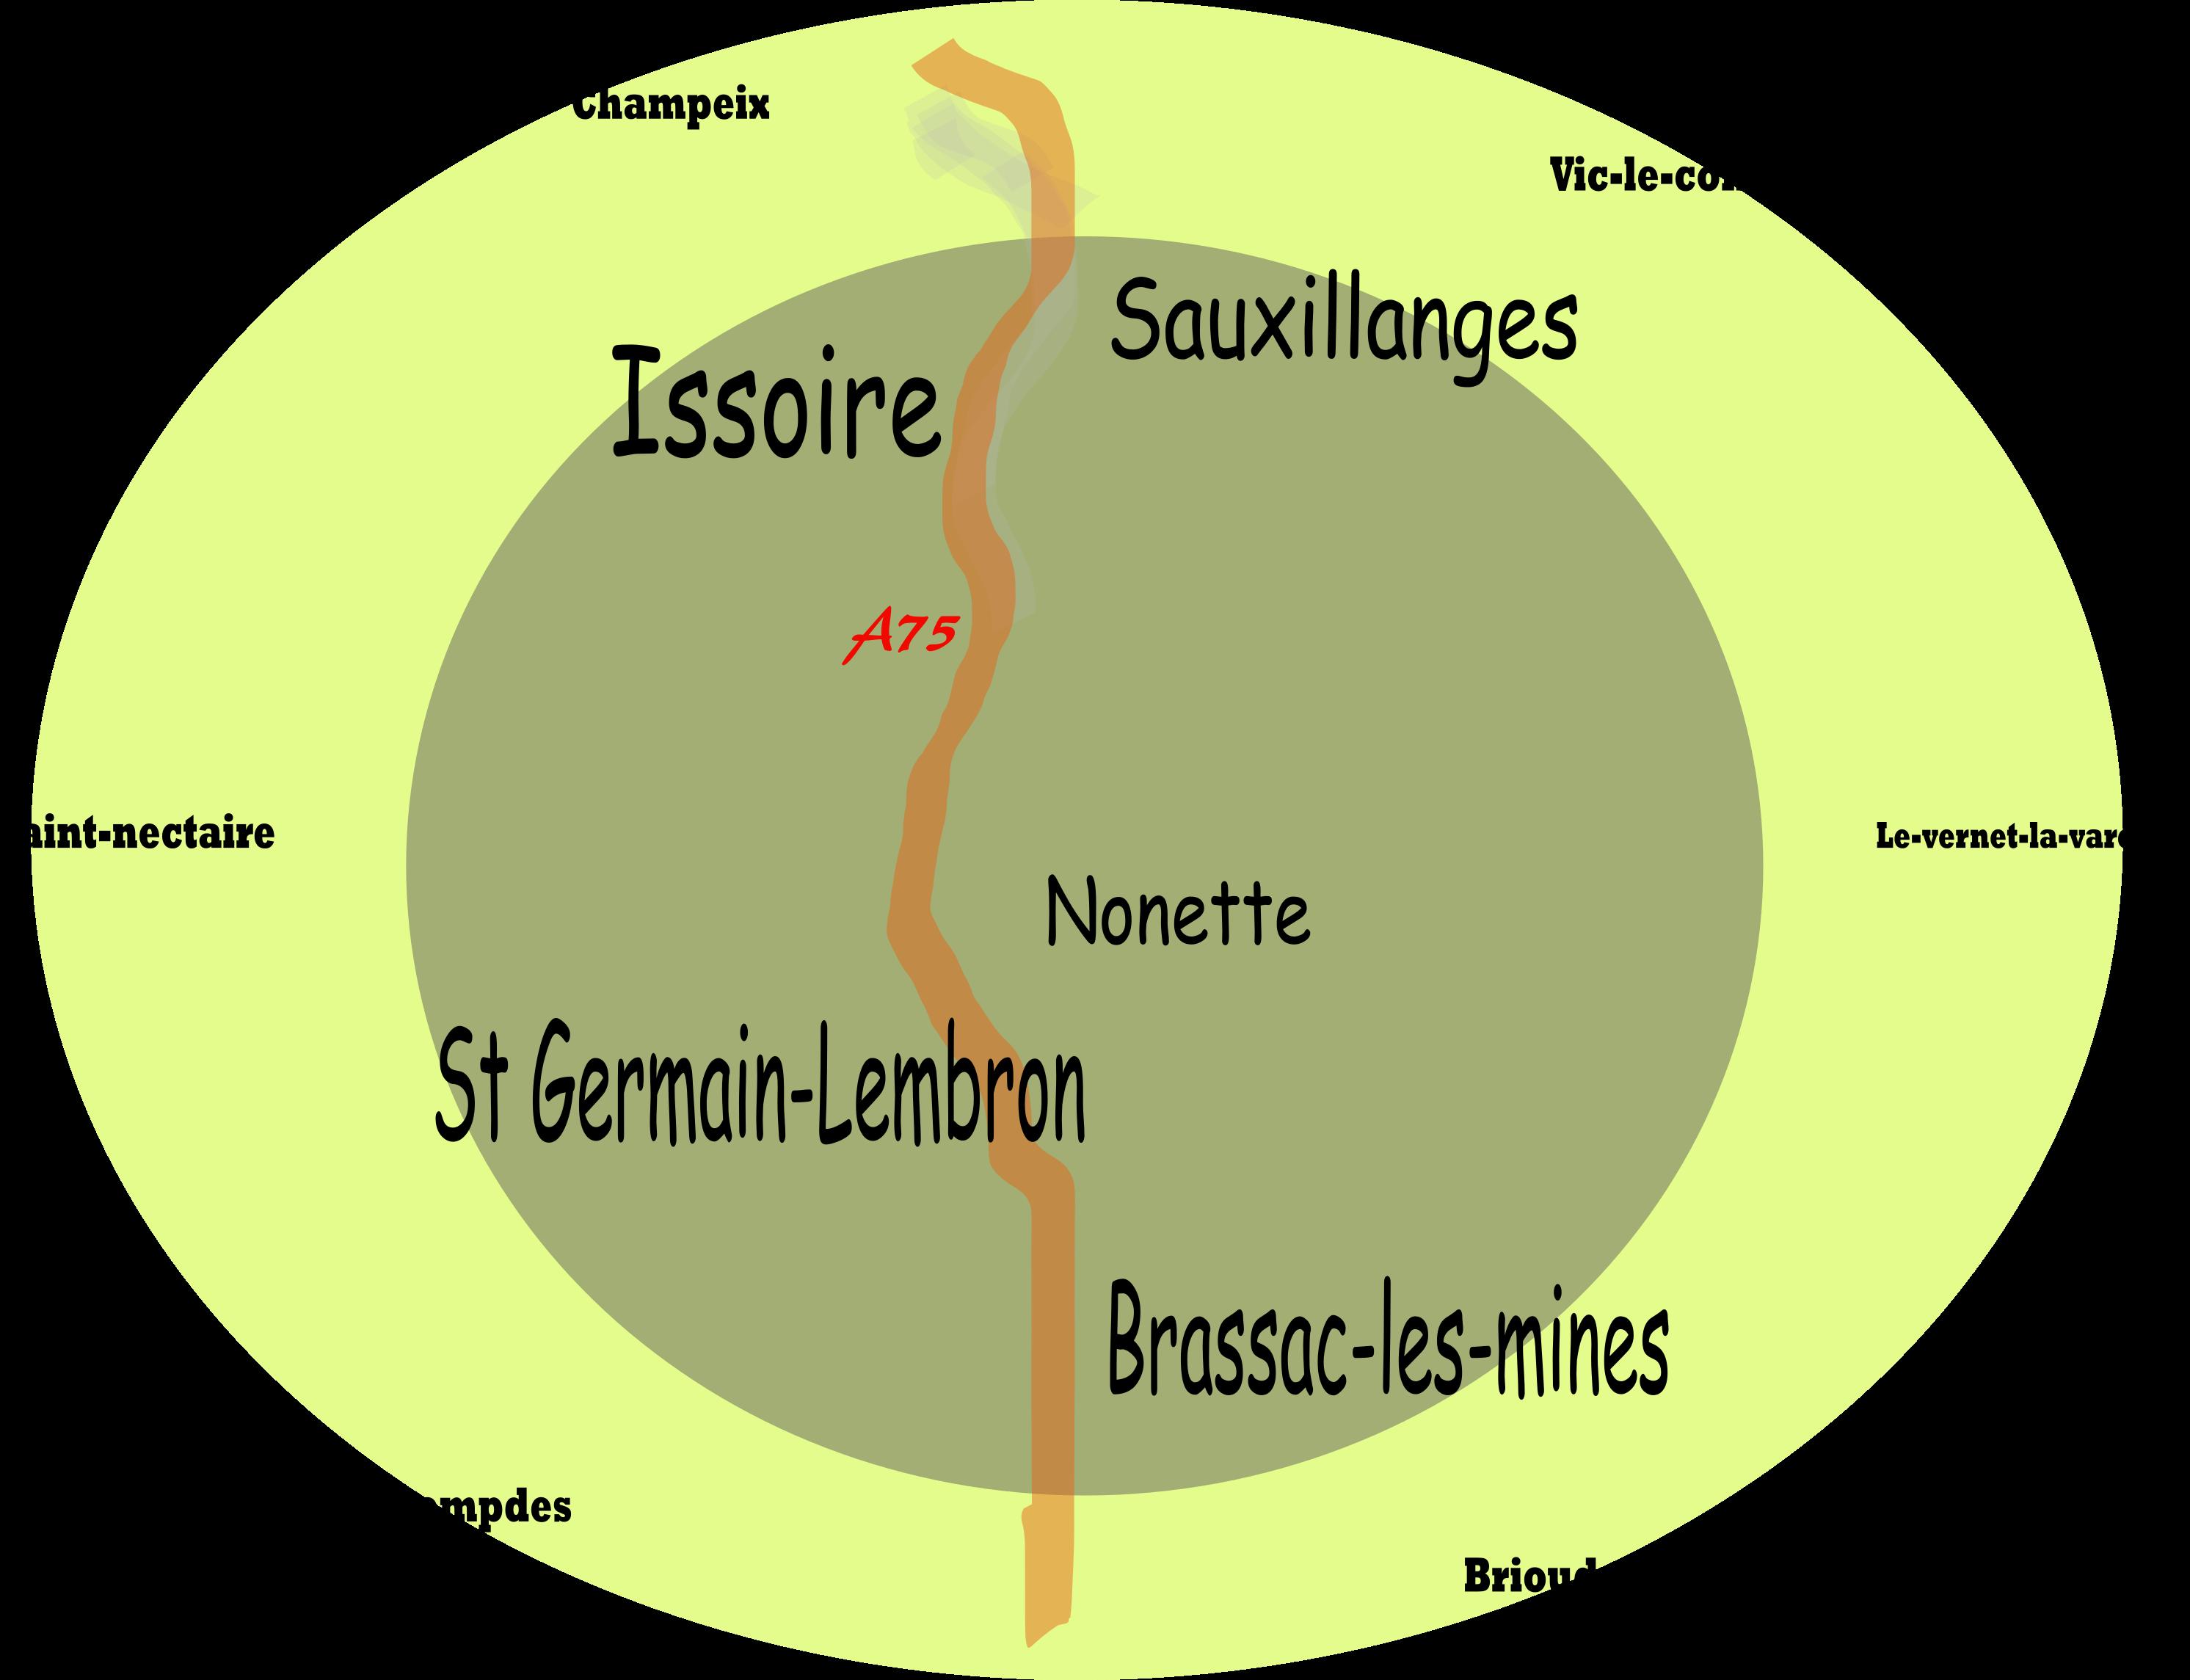 assistance formations informatiques à domicile issoire saint-germain-lembron brassac-les-mines sauxillanges vic-le-comte champeix brioude lempdes